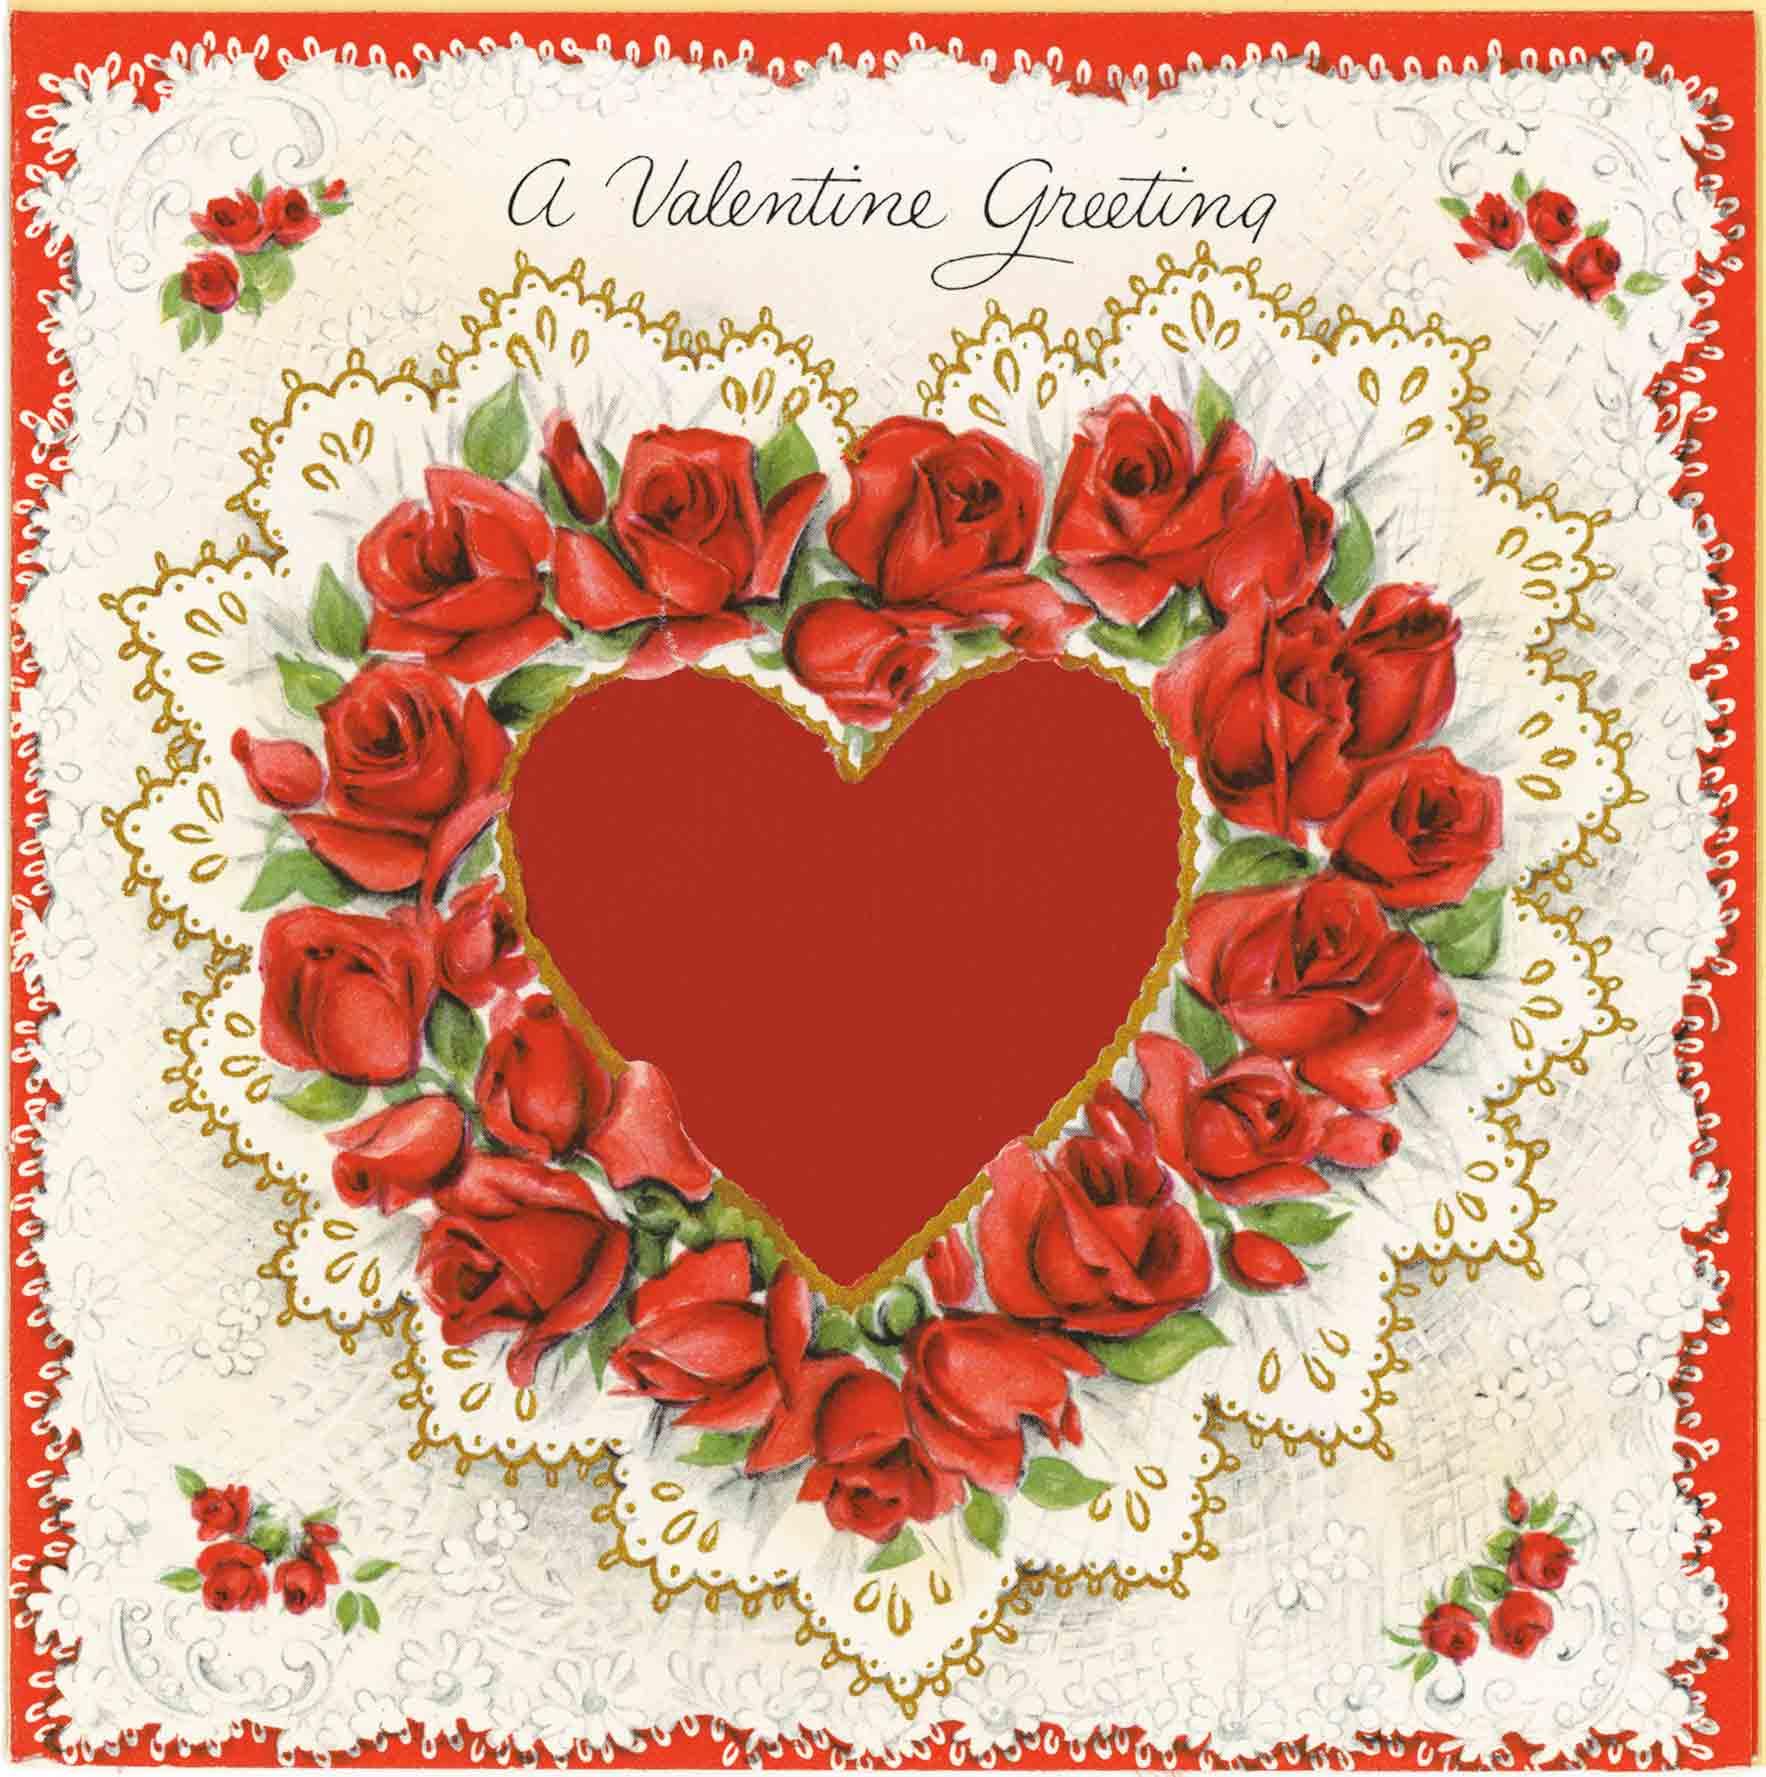 1952 Valentine's Day Card